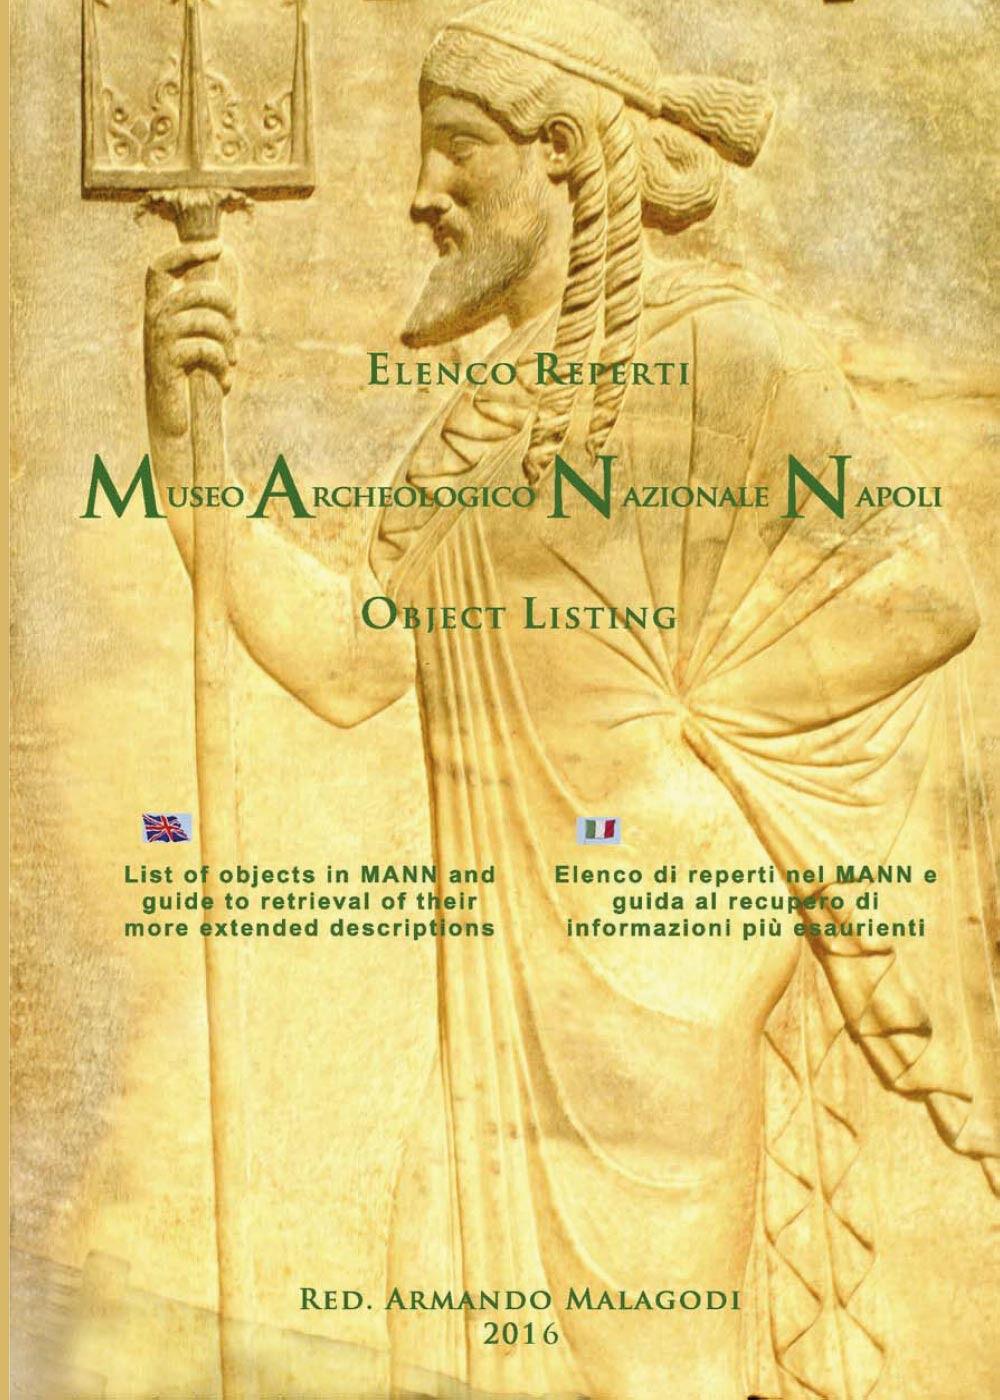 Elenco reperti Museo Archeologico Nazionale Napoli